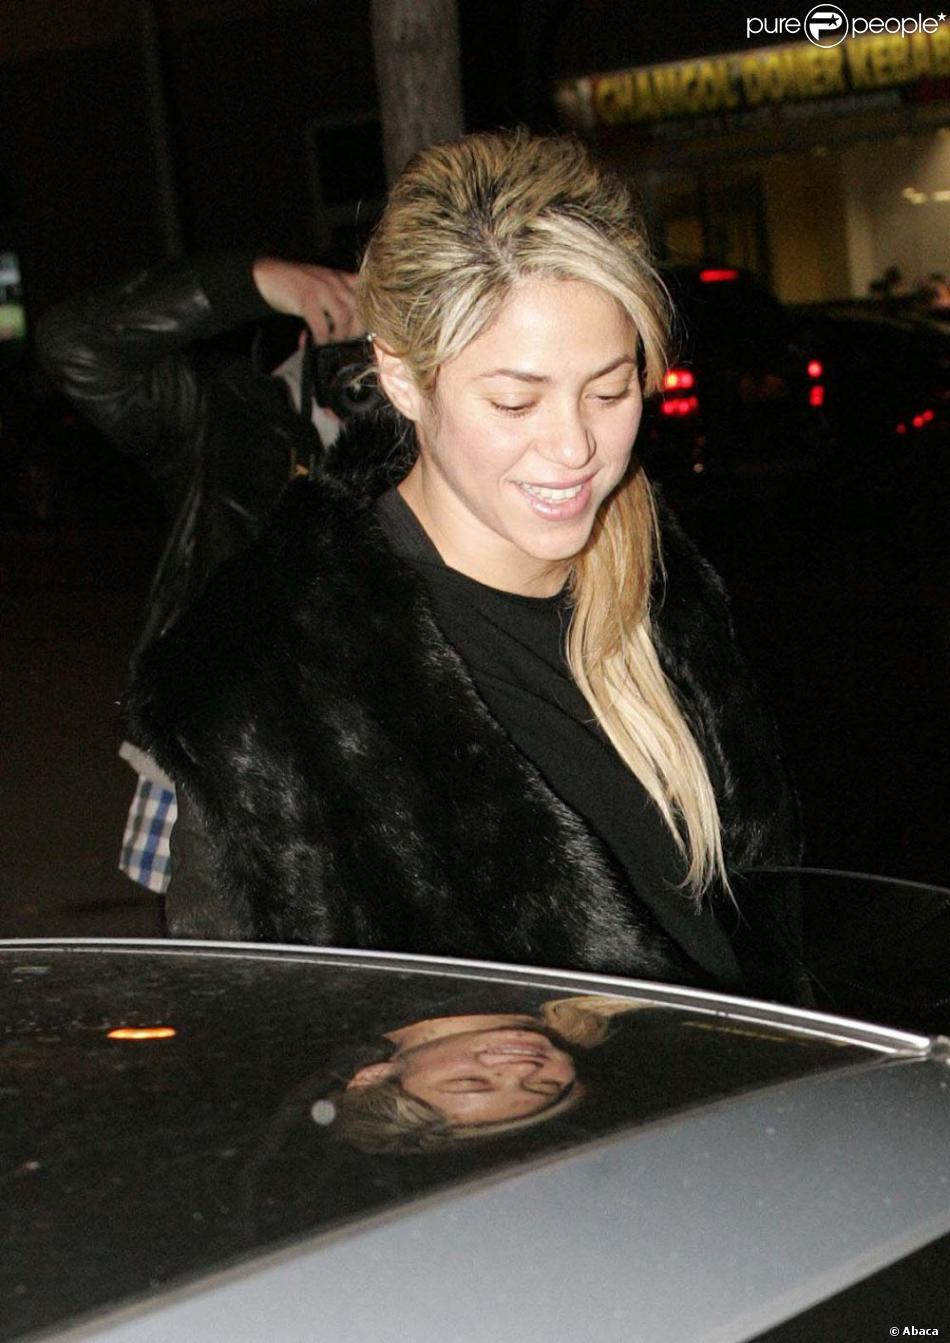 Shakira à Barcelone, quelques jours avant d'accoucher, le 16 décembre 2012.